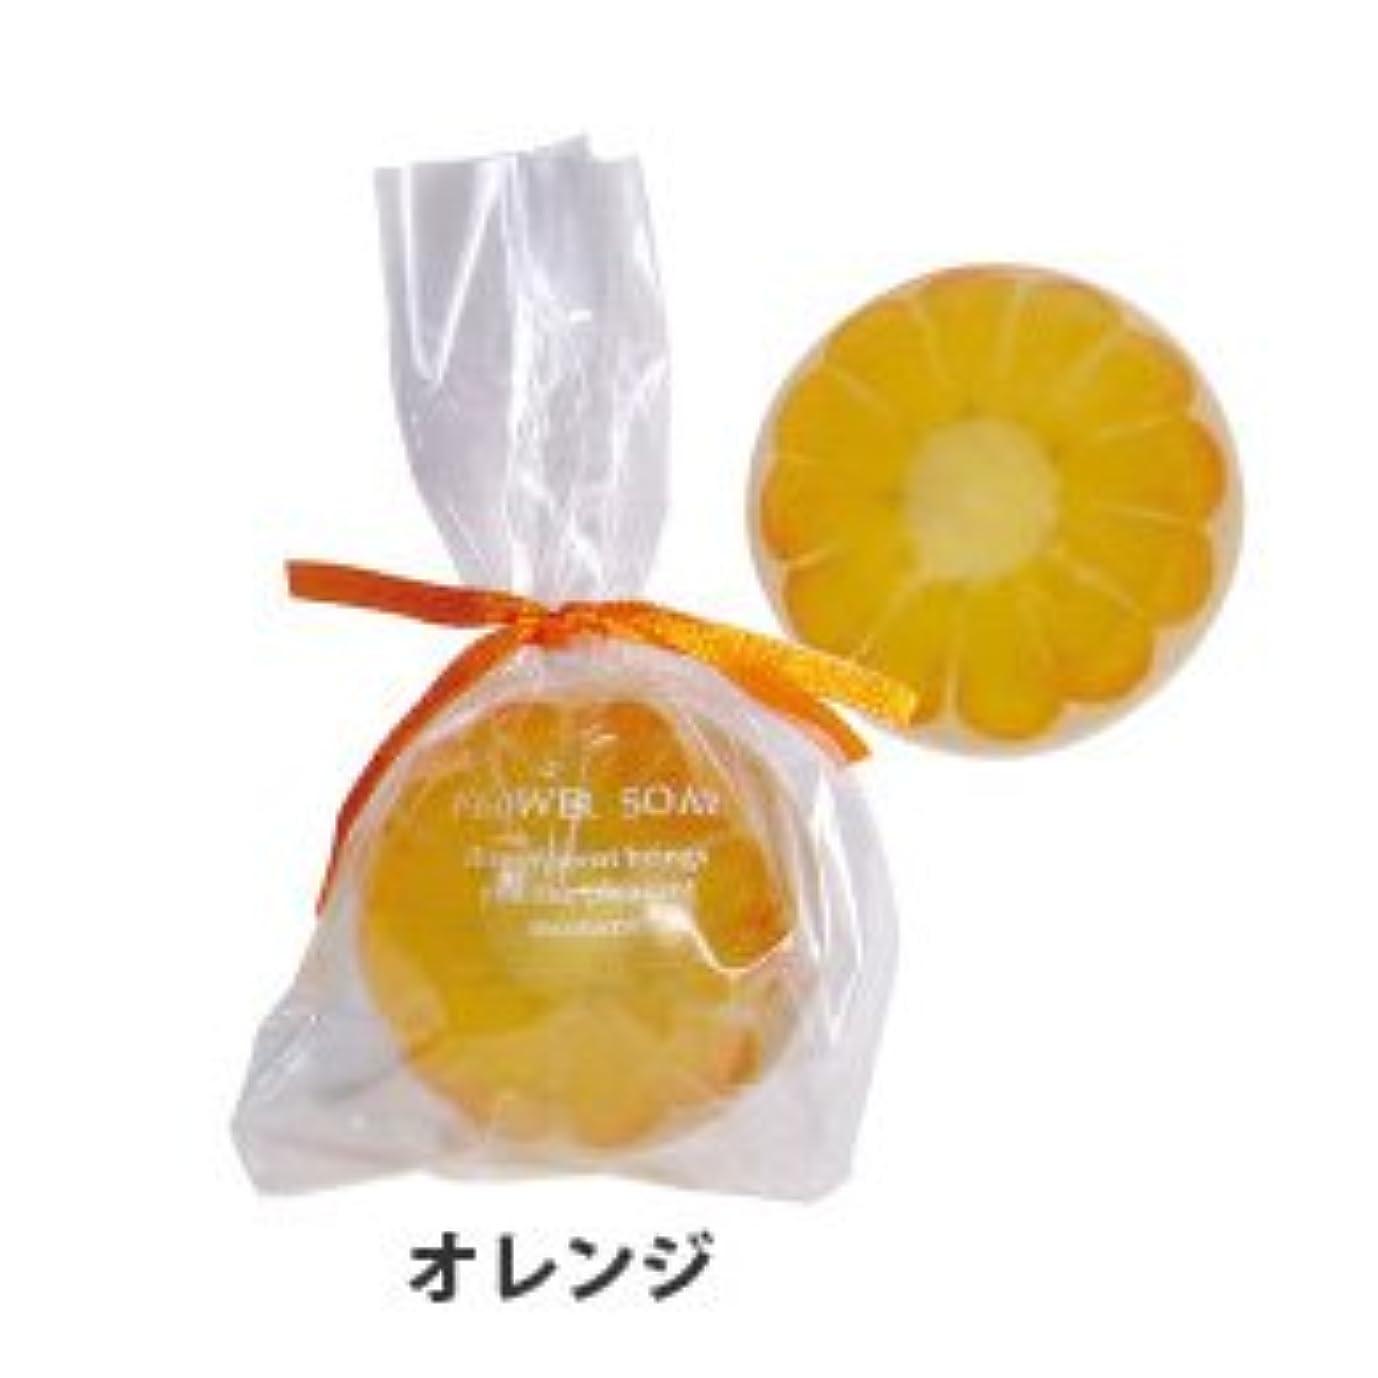 技術者体細胞そしてベジタブルソープ フラワー オレンジ OBBJF01